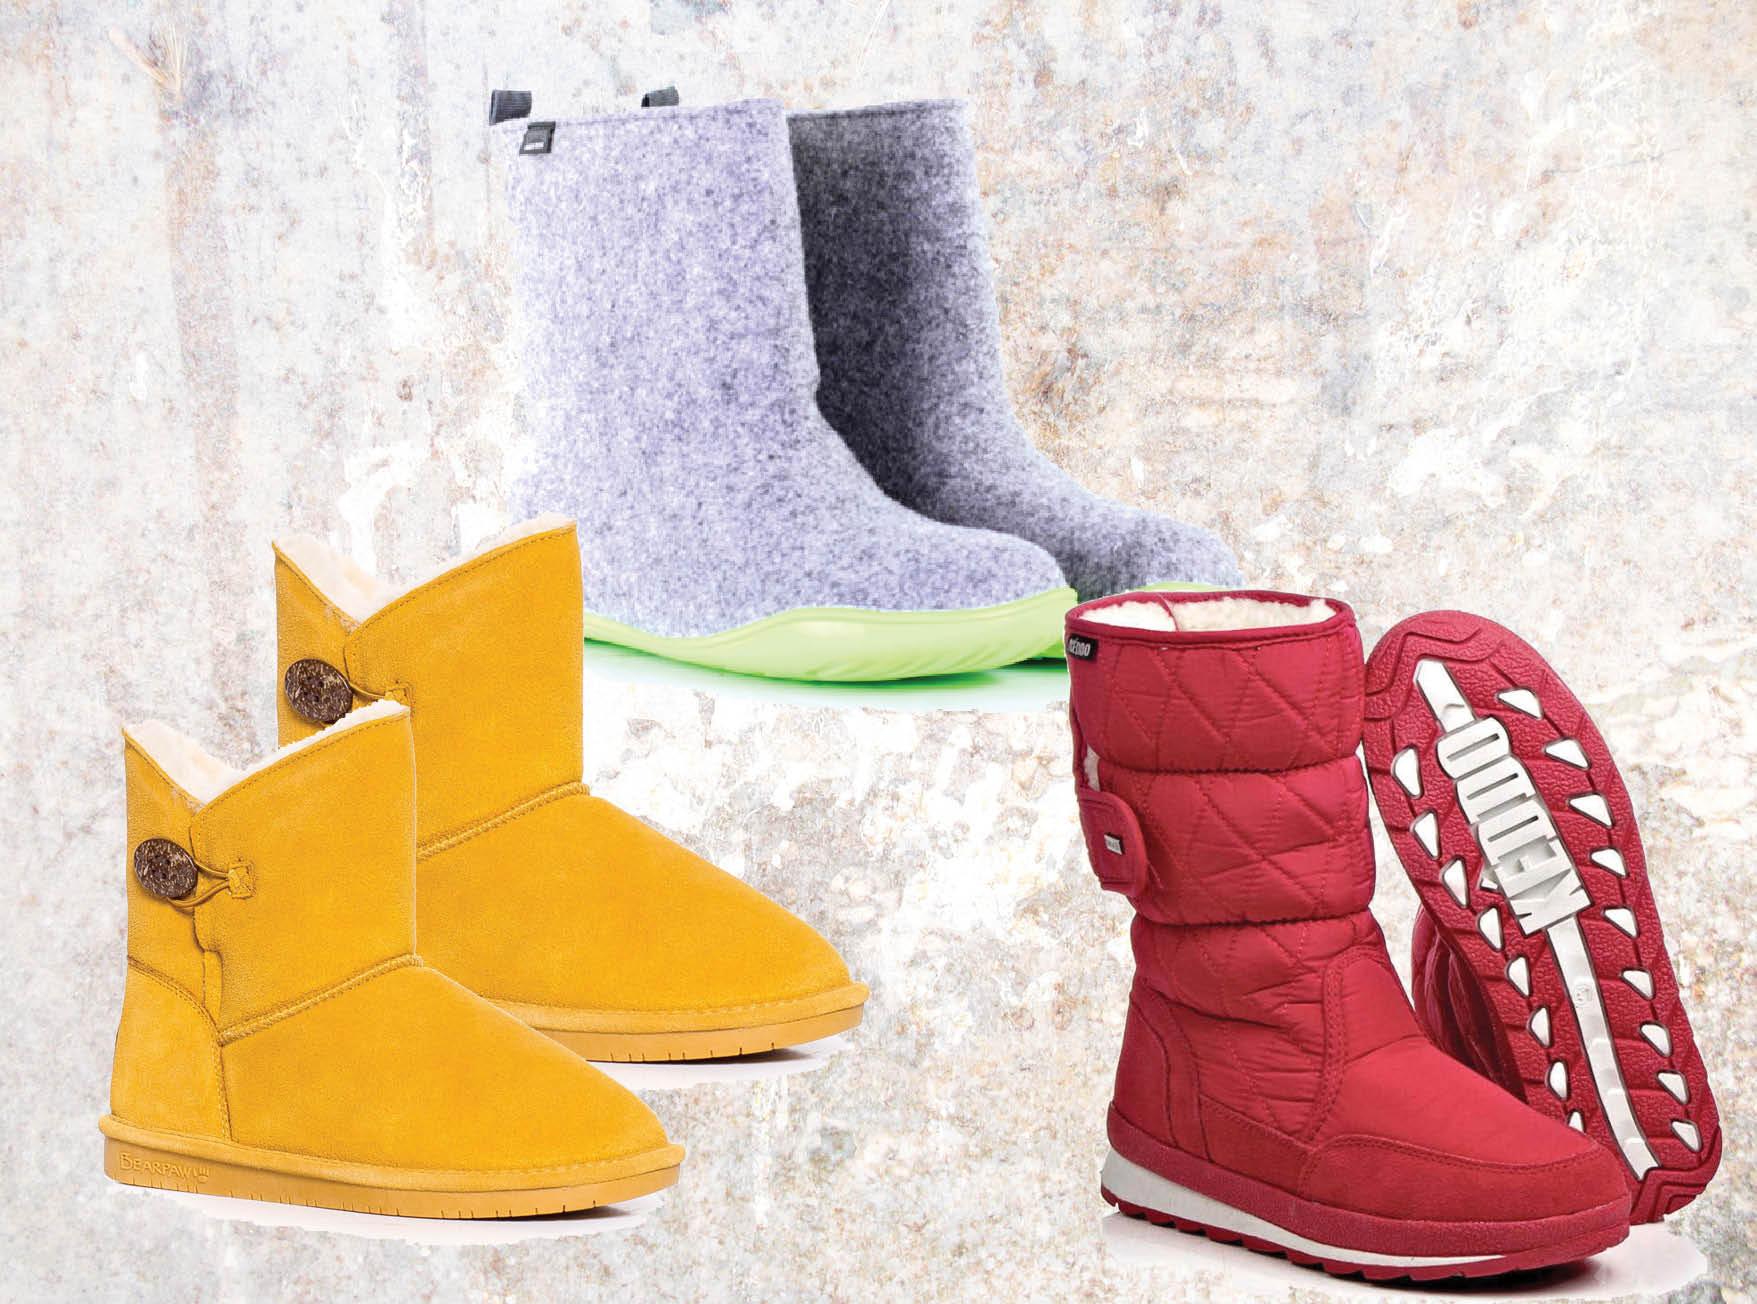 Что обуть зимой: 5 пар cамой теплой обуви-320x180